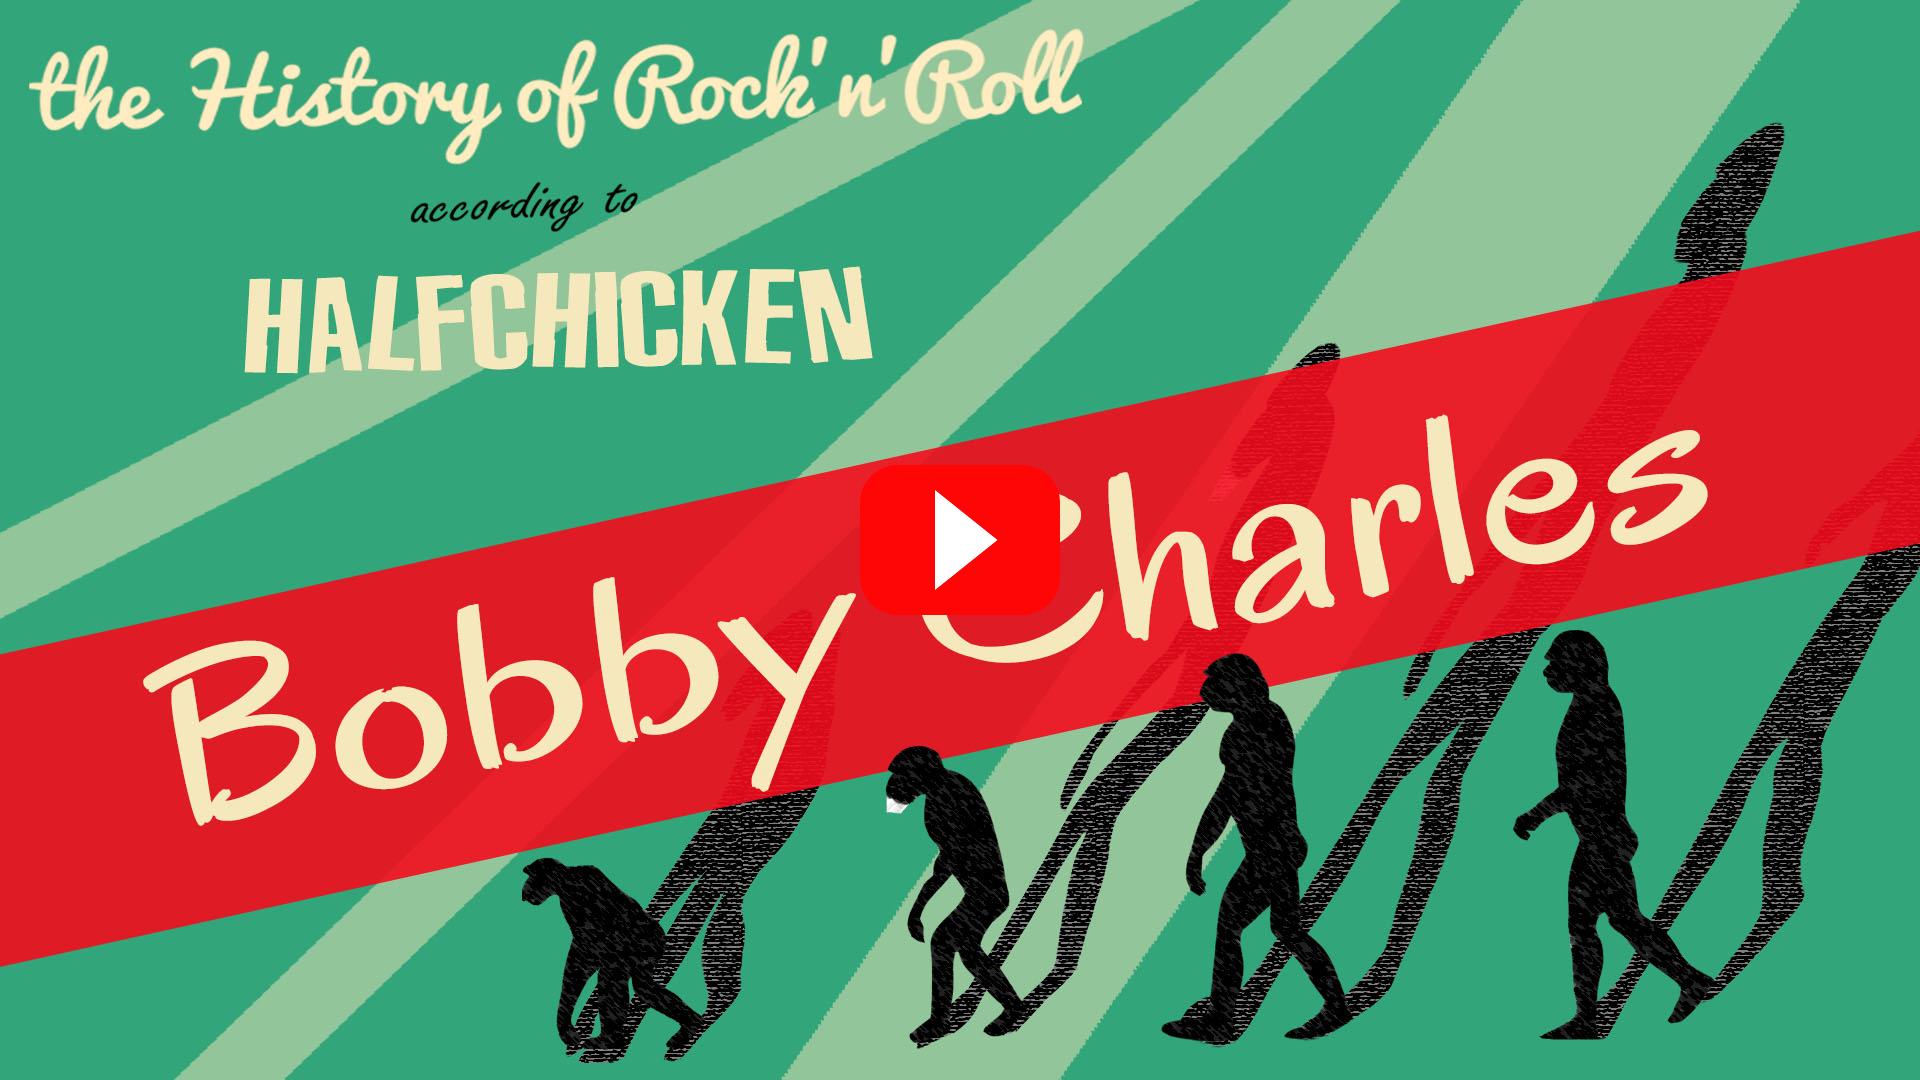 Bobby Charles sito